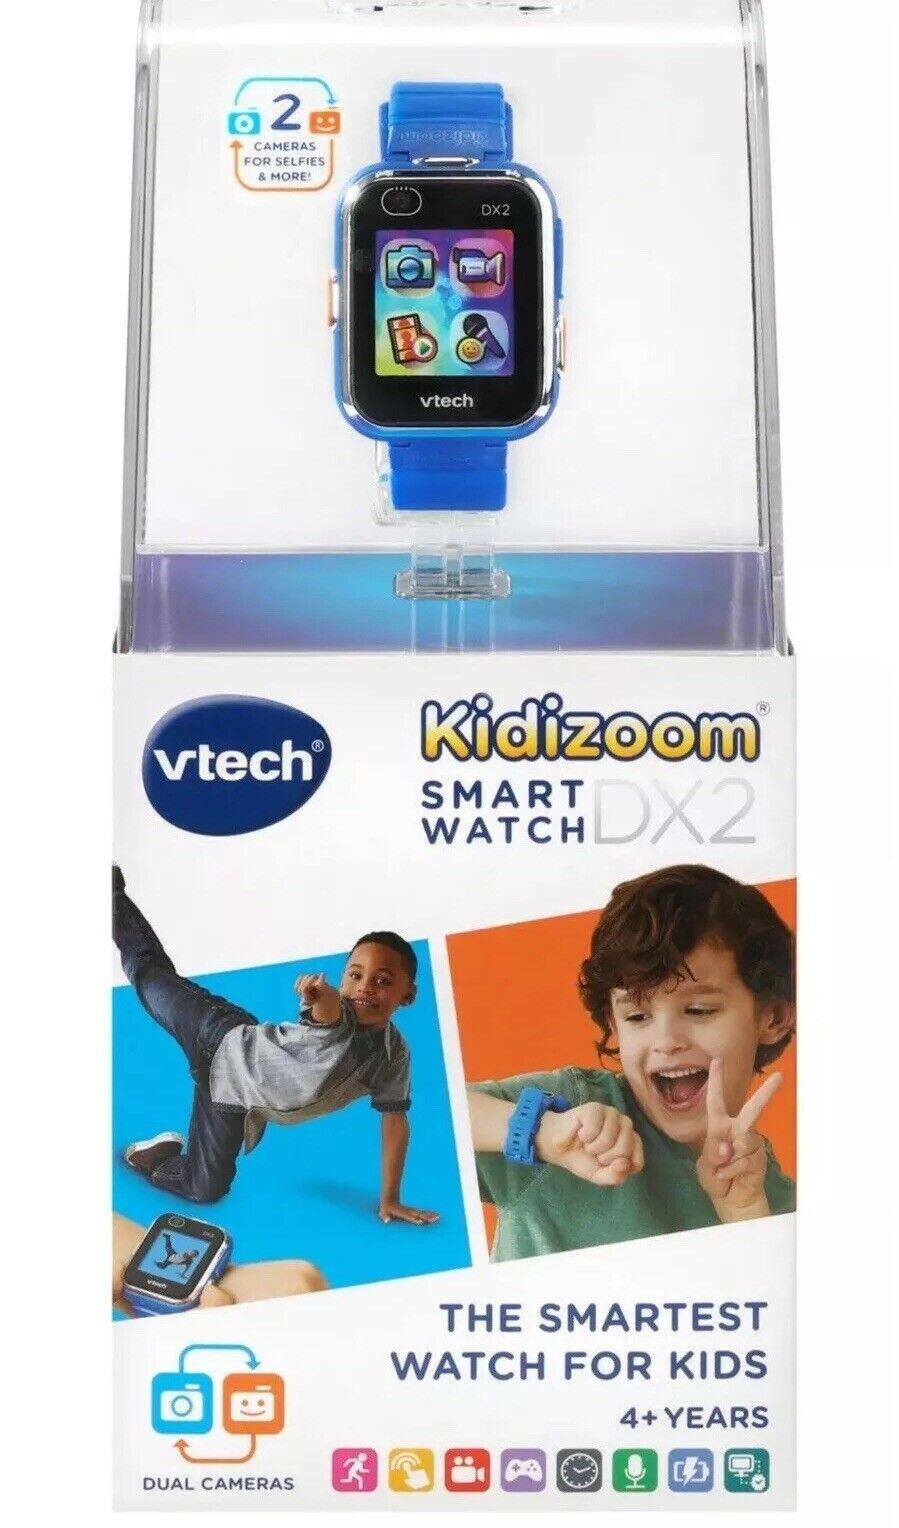 Reloj Inteligente Vtech Kidizoom DX2 Azul Cámara Video Juego aplicaciones Nuevo Sellado Nuevo En Caja